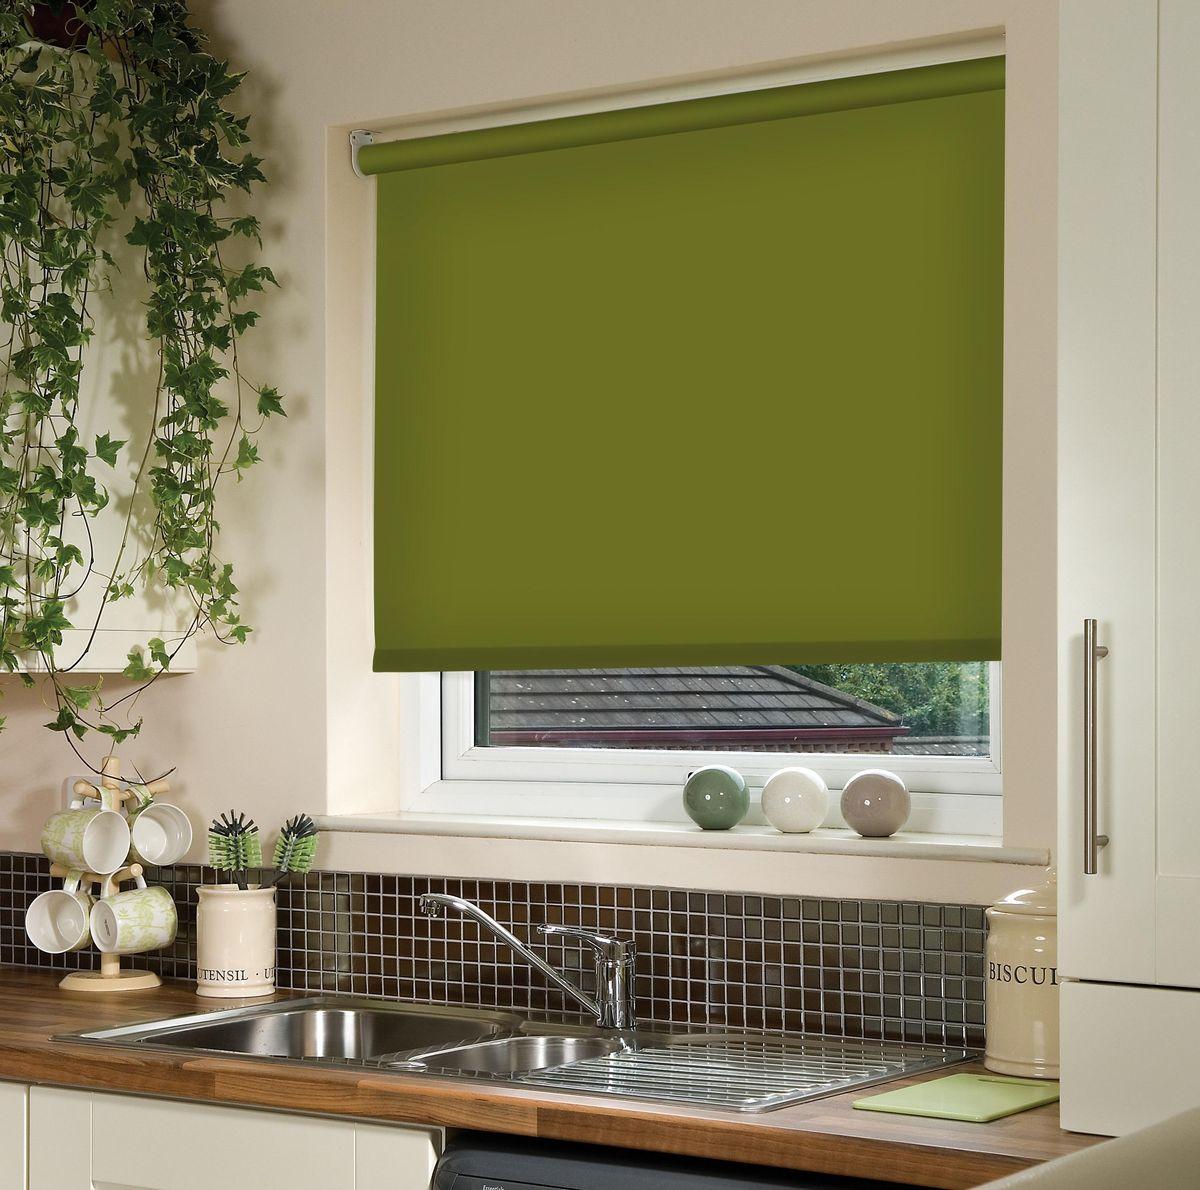 Штора рулонная Эскар, цвет: темно-оливковый, ширина 160 см, высота 170 см81018160170Рулонными шторами можно оформлять окна как самостоятельно, так и использовать в комбинации с портьерами. Это поможет предотвратить выгорание дорогой ткани на солнце и соединит функционал рулонных с красотой навесных.Преимущества применения рулонных штор для пластиковых окон:- имеют прекрасный внешний вид: многообразие и фактурность материала изделия отлично смотрятся в любом интерьере; - многофункциональны: есть возможность подобрать шторы способные эффективно защитить комнату от солнца, при этом о на не будет слишком темной. - Есть возможность осуществить быстрый монтаж. ВНИМАНИЕ! Размеры ширины изделия указаны по ширине ткани!Во время эксплуатации не рекомендуется полностью разматывать рулон, чтобы не оторвать ткань от намоточного вала.В случае загрязнения поверхности ткани, чистку шторы проводят одним из способов, в зависимости от типа загрязнения: легкое поверхностное загрязнение можно удалить при помощи канцелярского ластика; чистка от пыли производится сухим методом при помощи пылесоса с мягкой щеткой-насадкой; для удаления пятна используйте мягкую губку с пенообразующим неагрессивным моющим средством или пятновыводитель на натуральной основе (нельзя применять растворители).